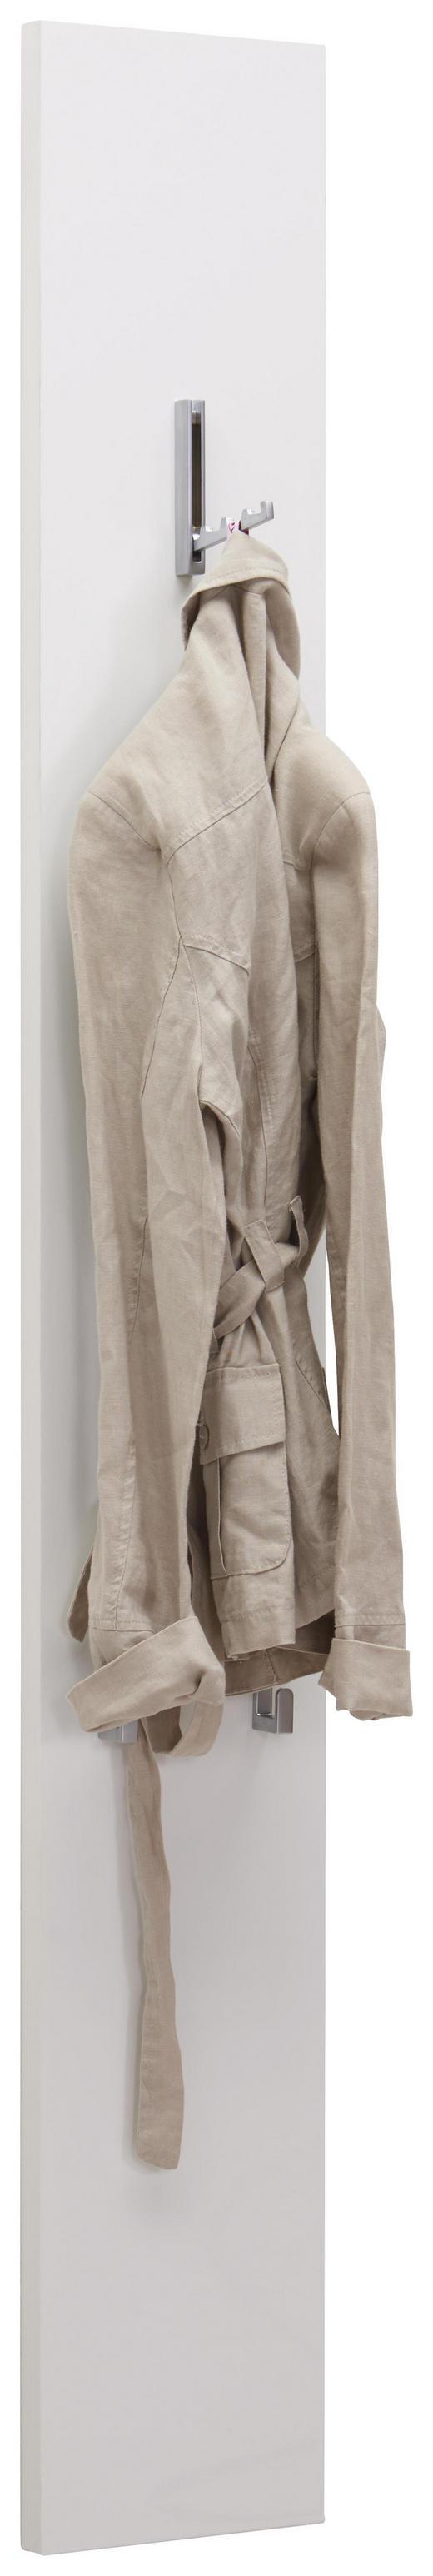 GARDEROBENPANEEL Hochglanz, lackiert Weiß - Weiß, Design (21/160/2,5cm) - Voleo